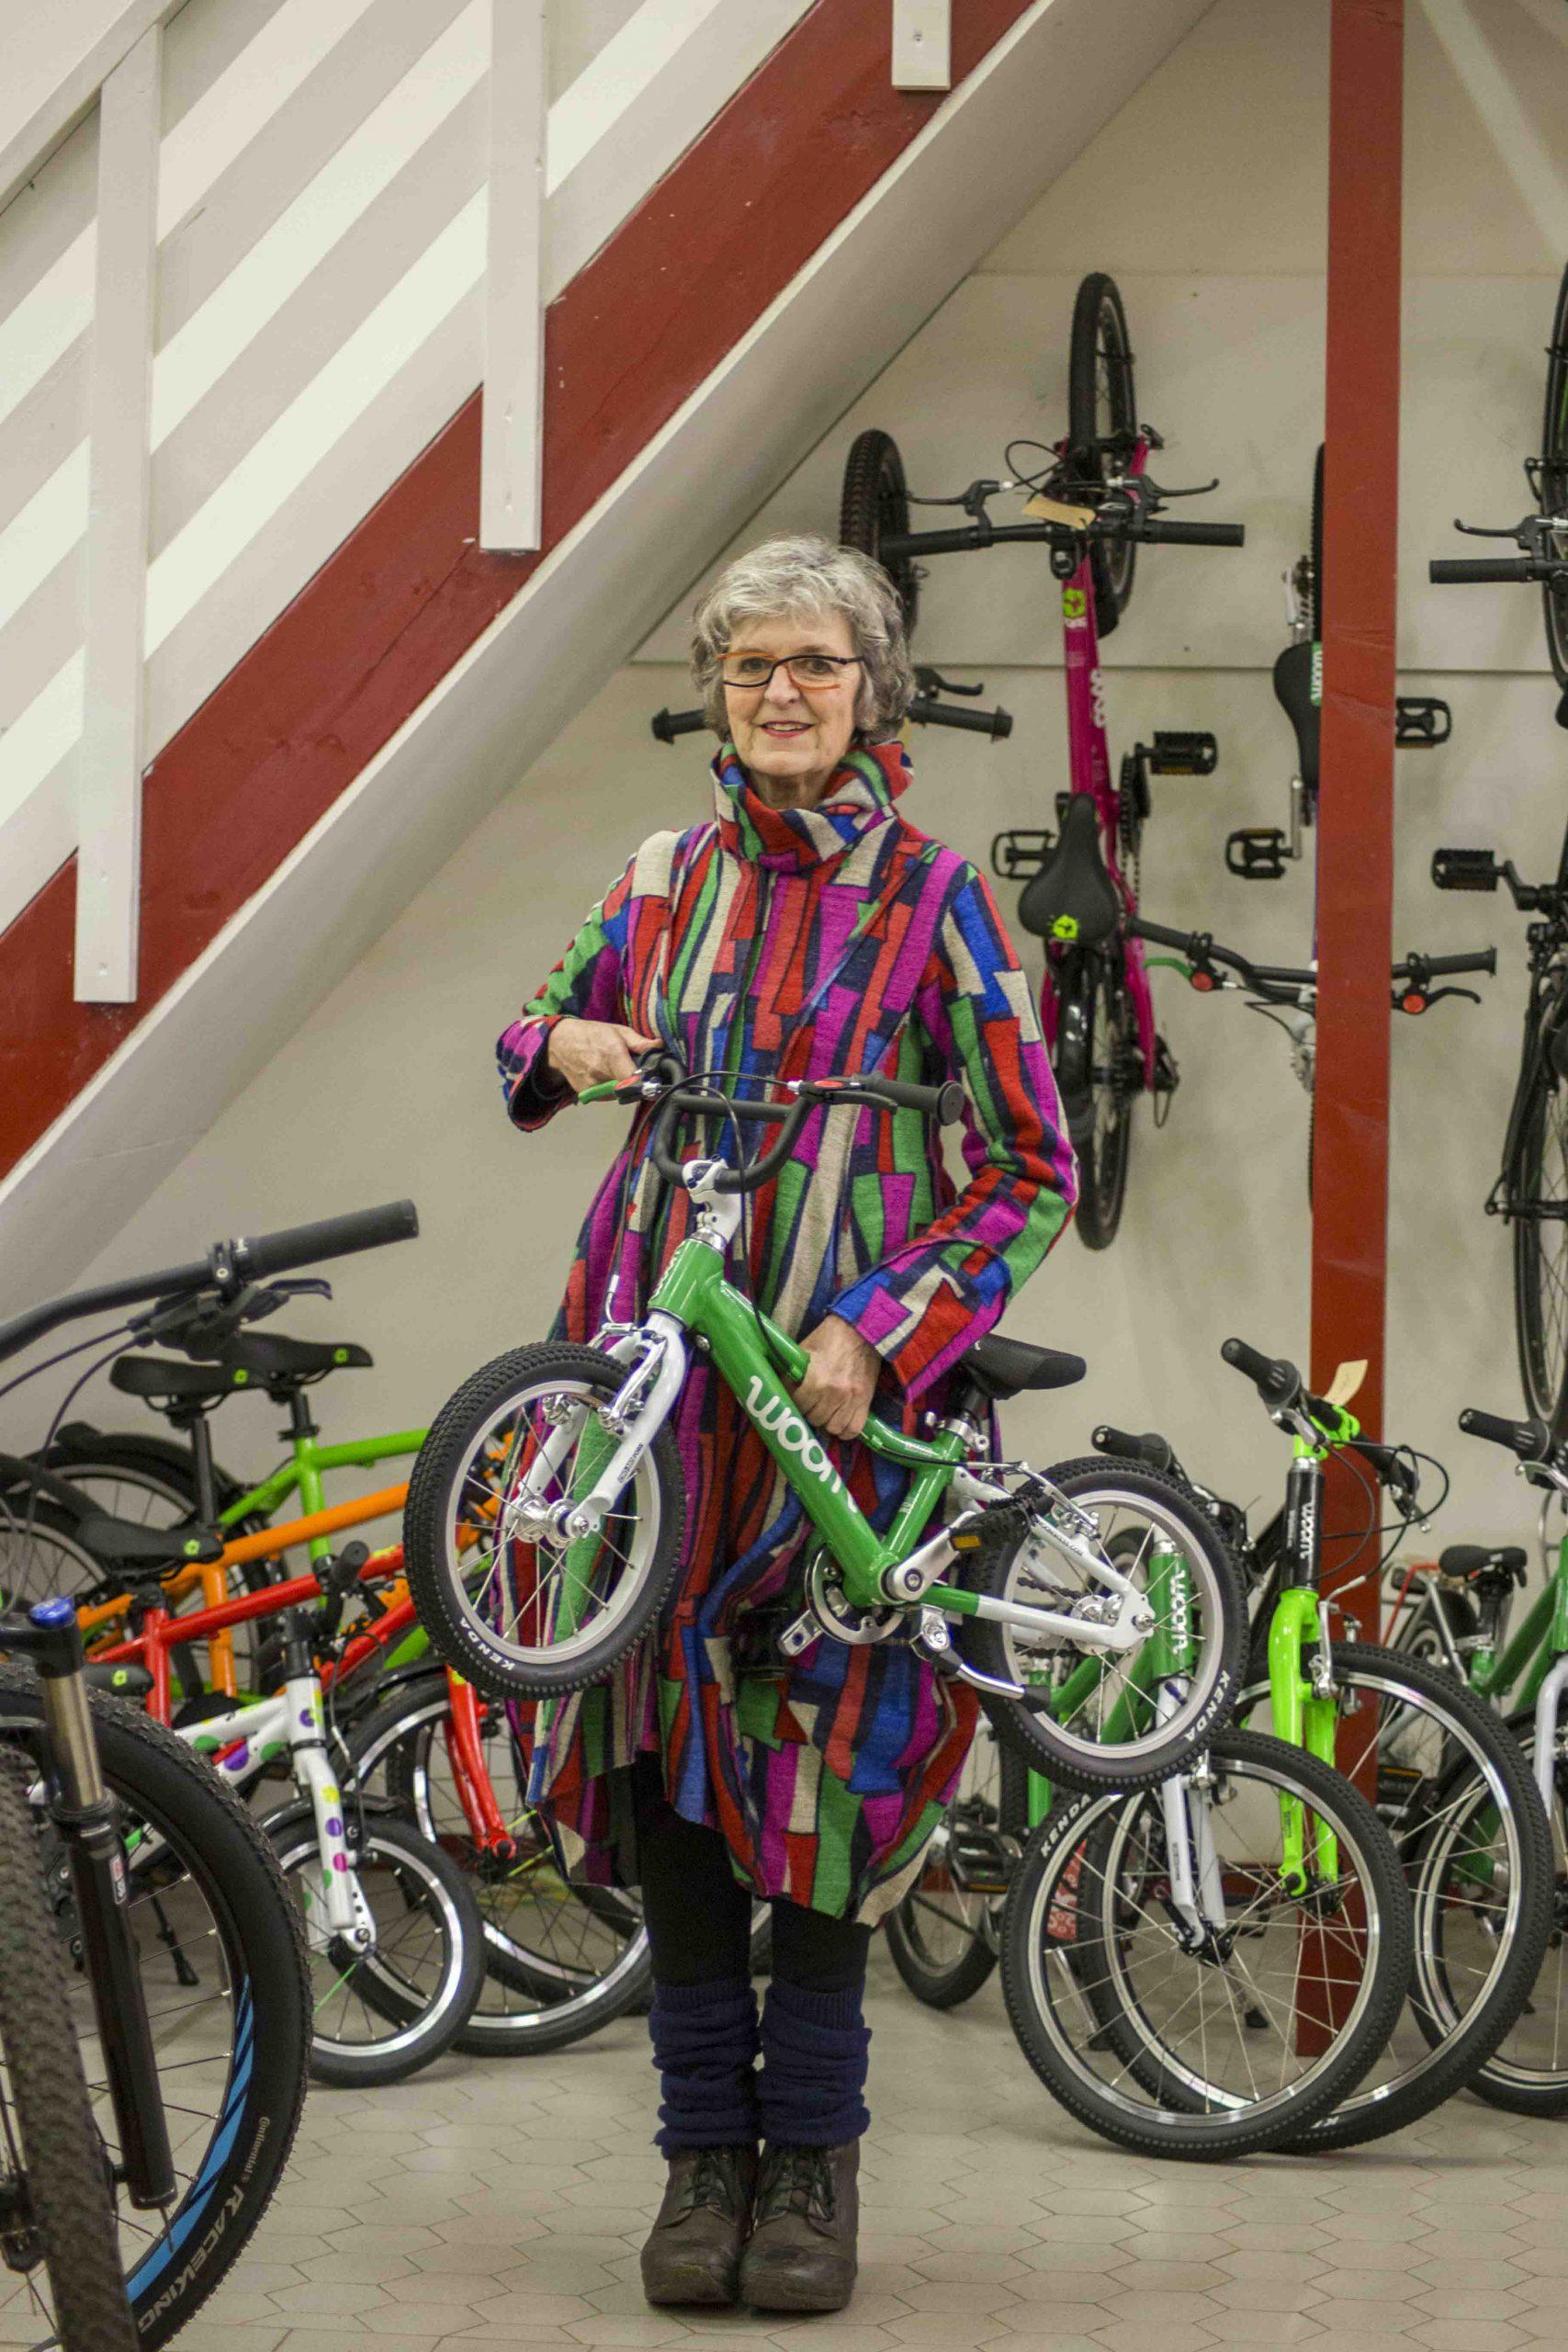 Cornélie Metselaar, eigenaar Stip-kinderfietsen, Woom bij Stip-kinderfietsen, magasin de vélo pour enfants, kinderfietsenwinkel, Fahrradladen für Kinder, woom fiets, Woombike bij Stip-kinderfietsn in Nijmegen